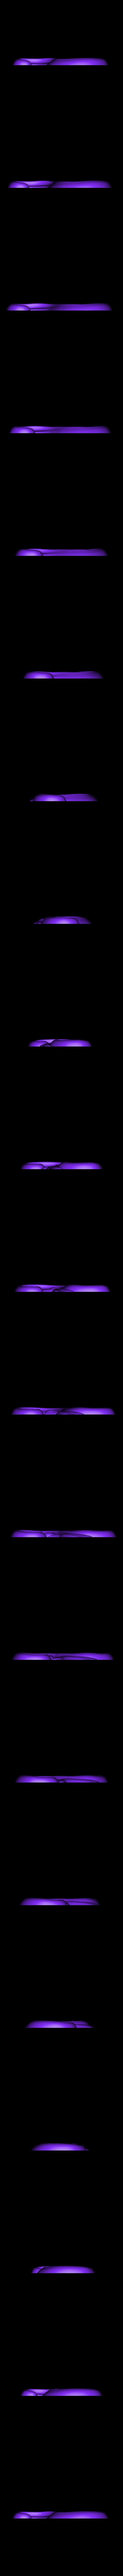 Flourish_01.stl Télécharger fichier OBJ gratuit Floraison ornementale 01 • Plan pour impression 3D, tone001